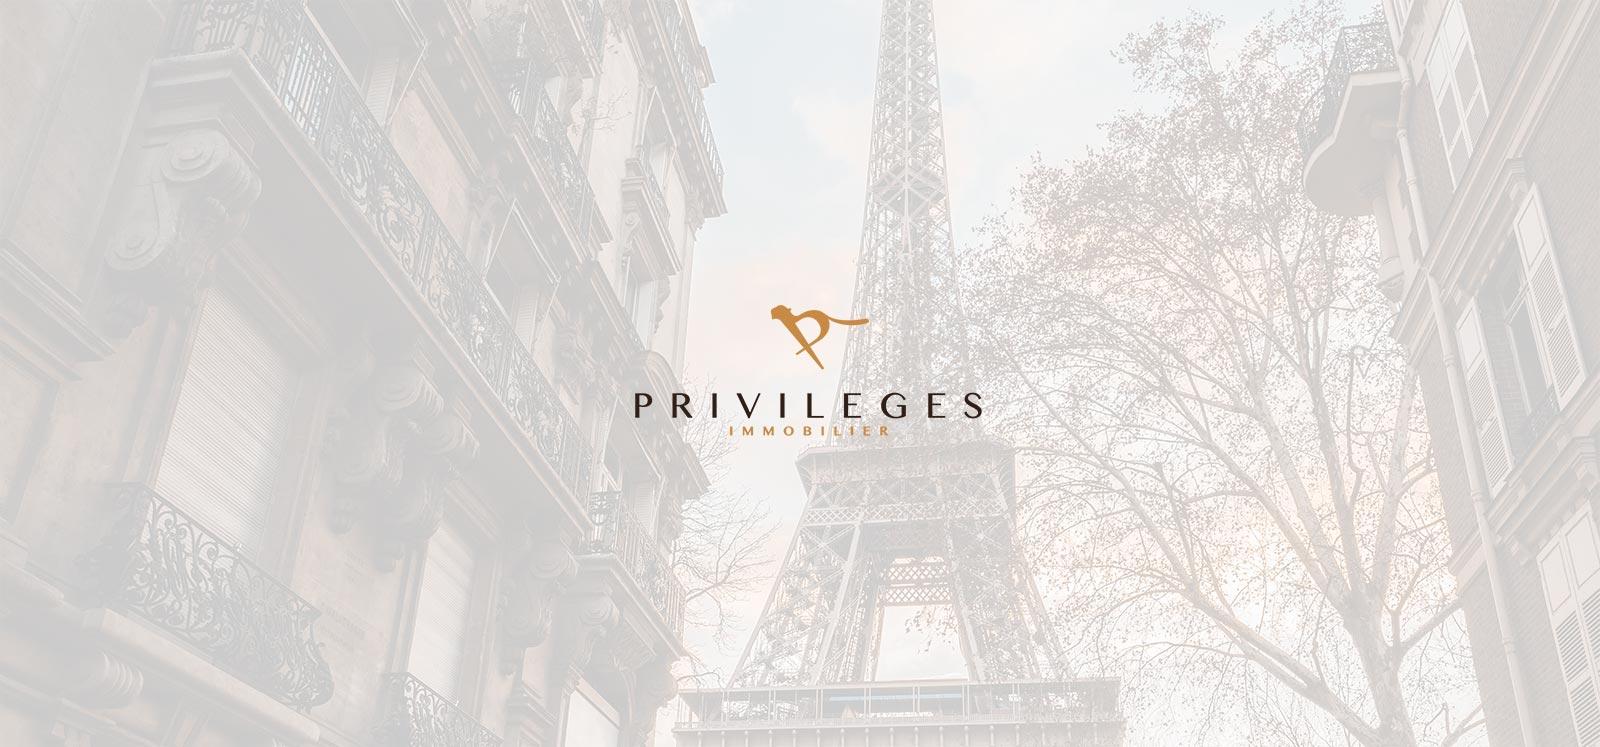 privileges immobilier identite graphique - Privilèges Immobilier